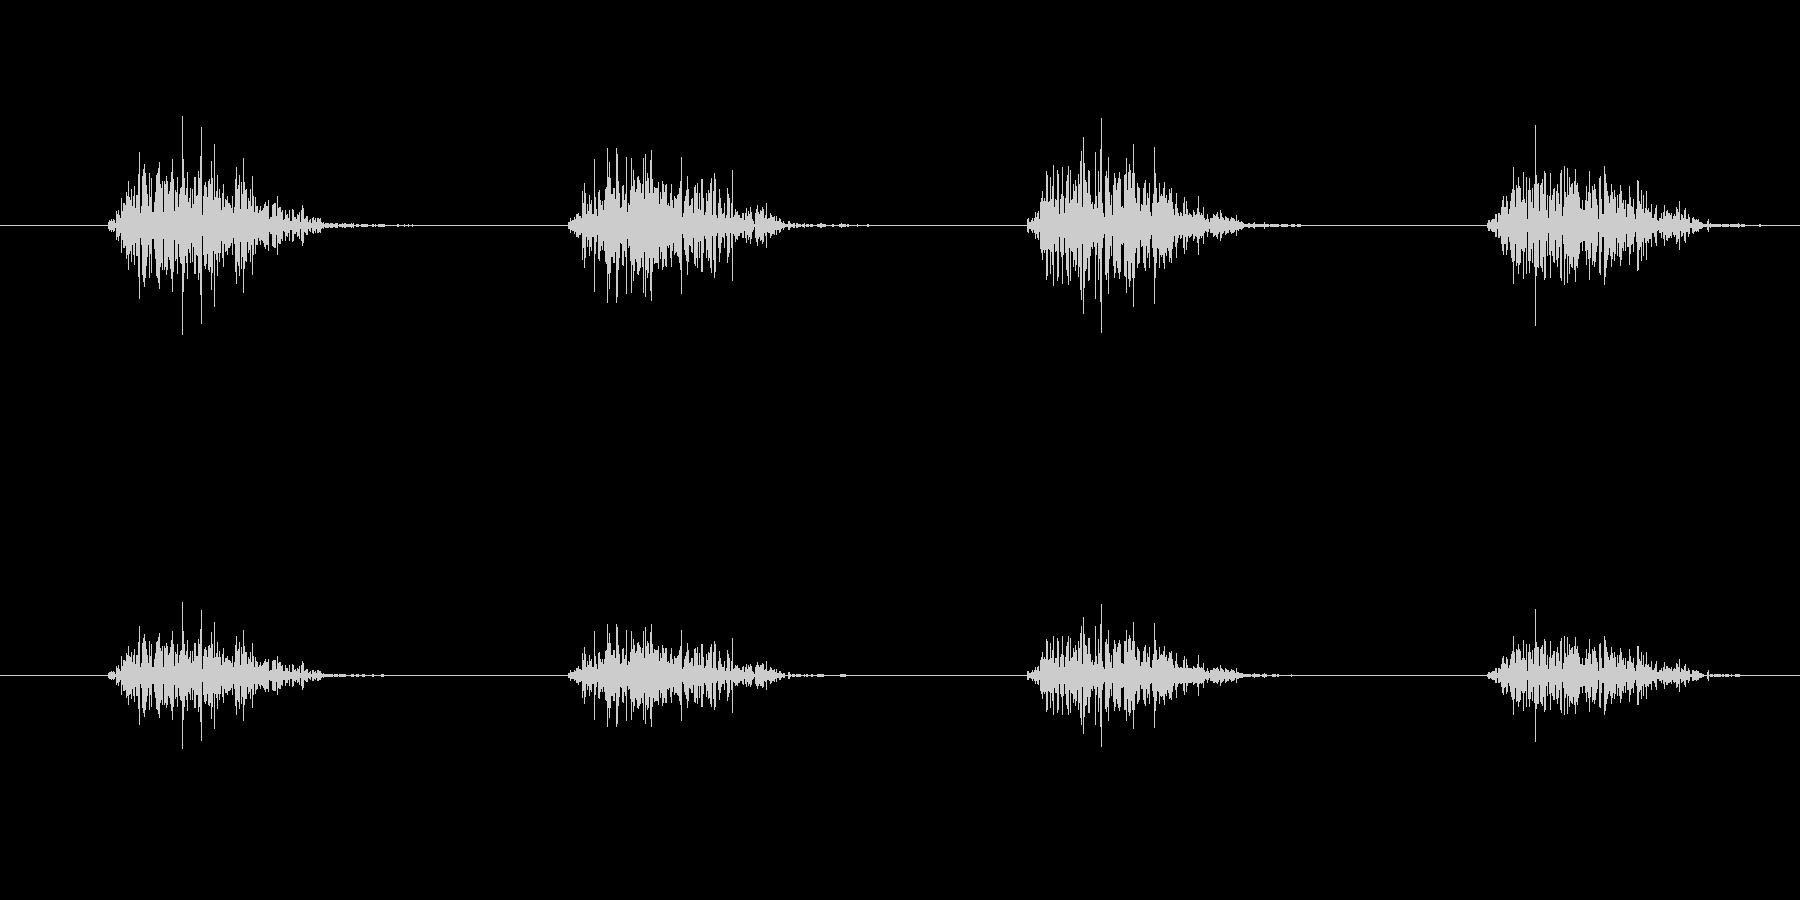 ざっざっざっざっ(移動音)の未再生の波形